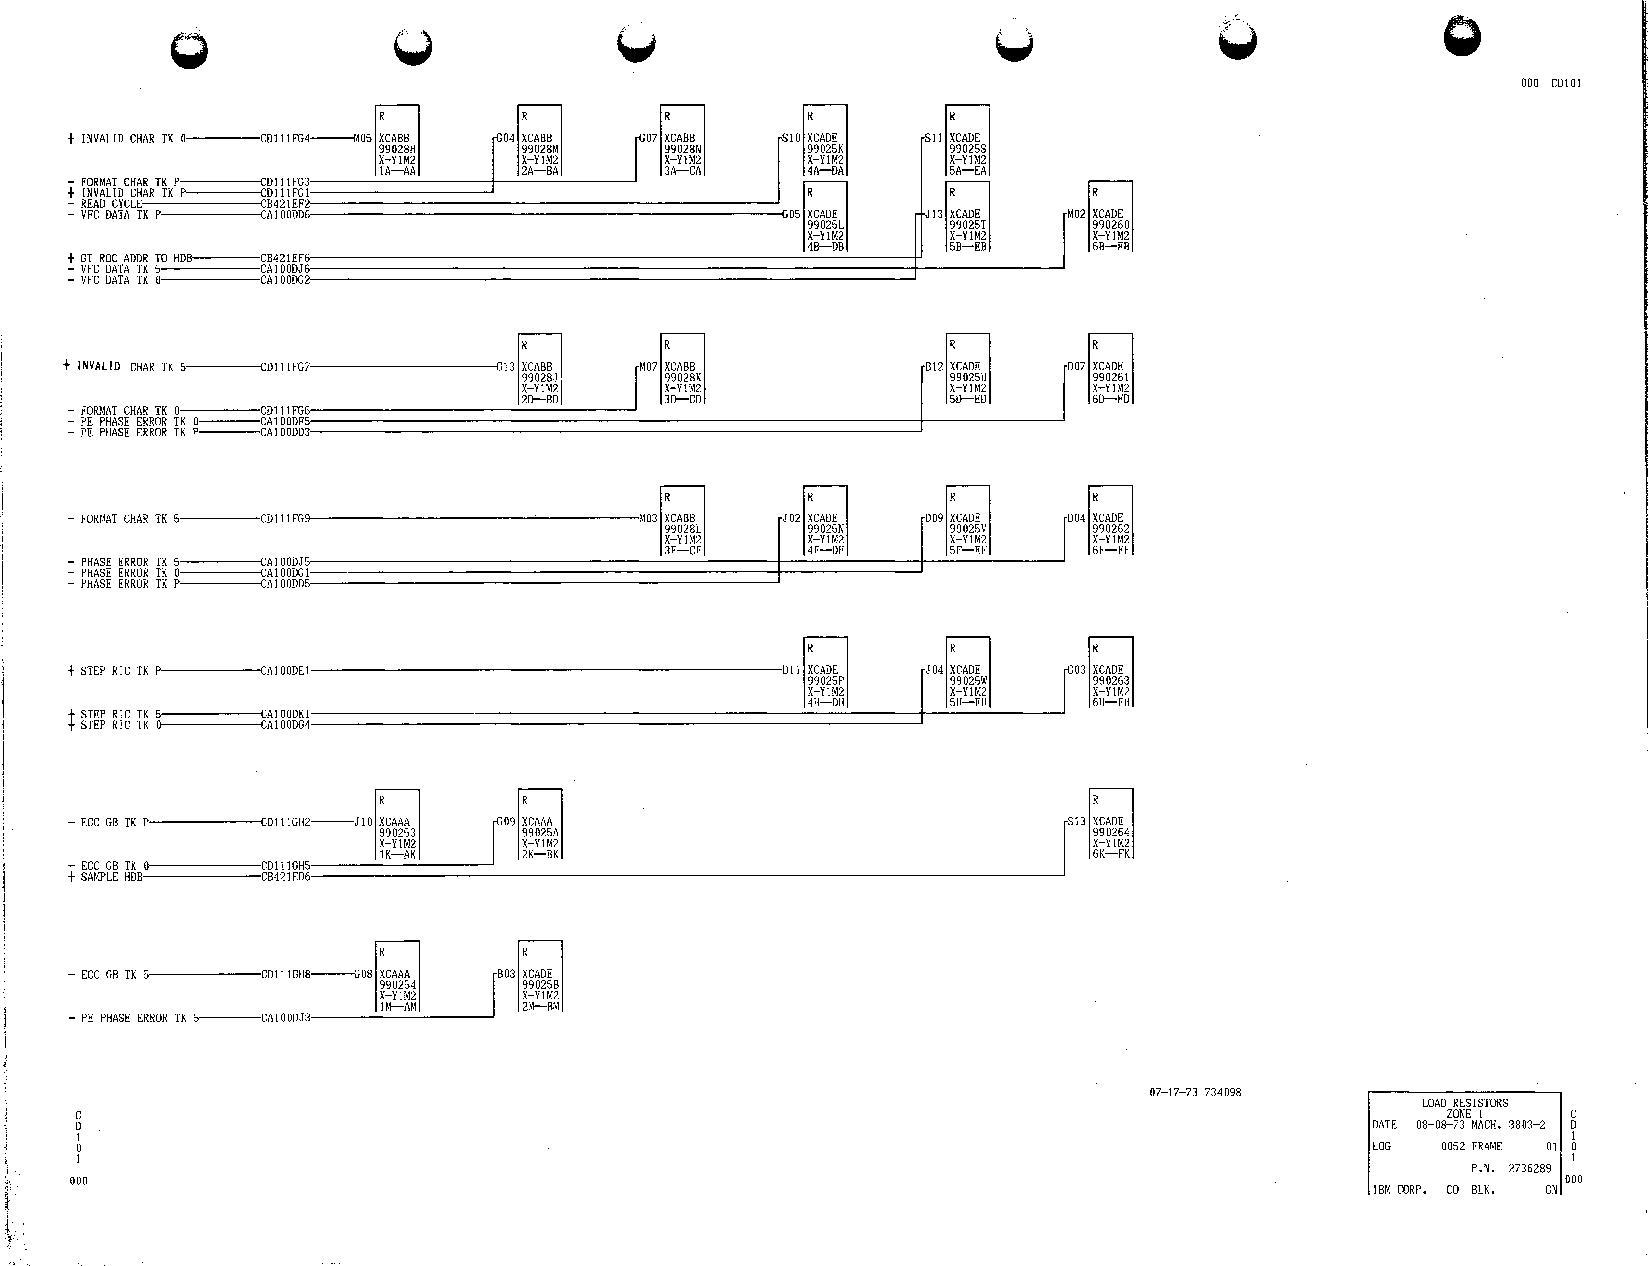 3803 M2_ALD_Vol_3 M2 ALD Vol 3